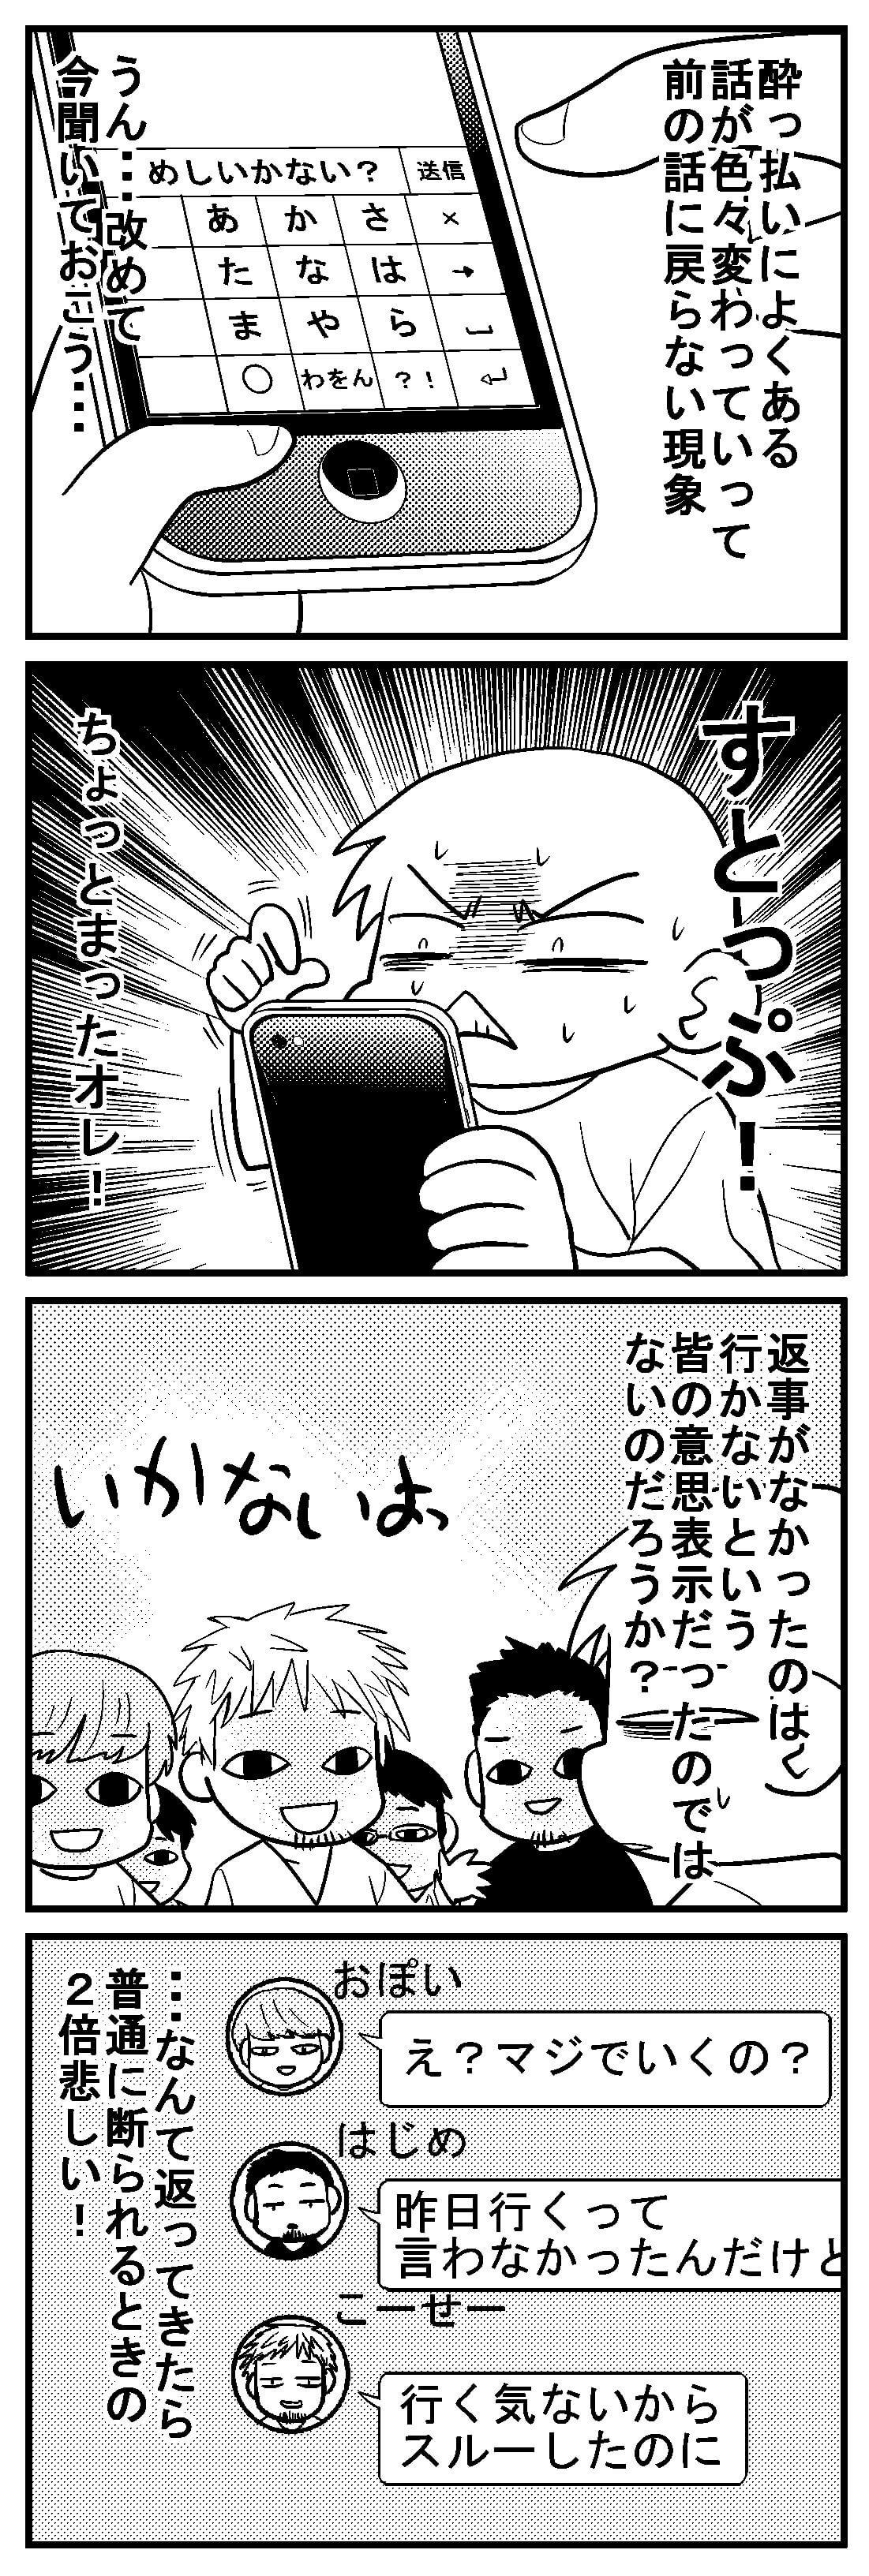 深読みくん22 1-3